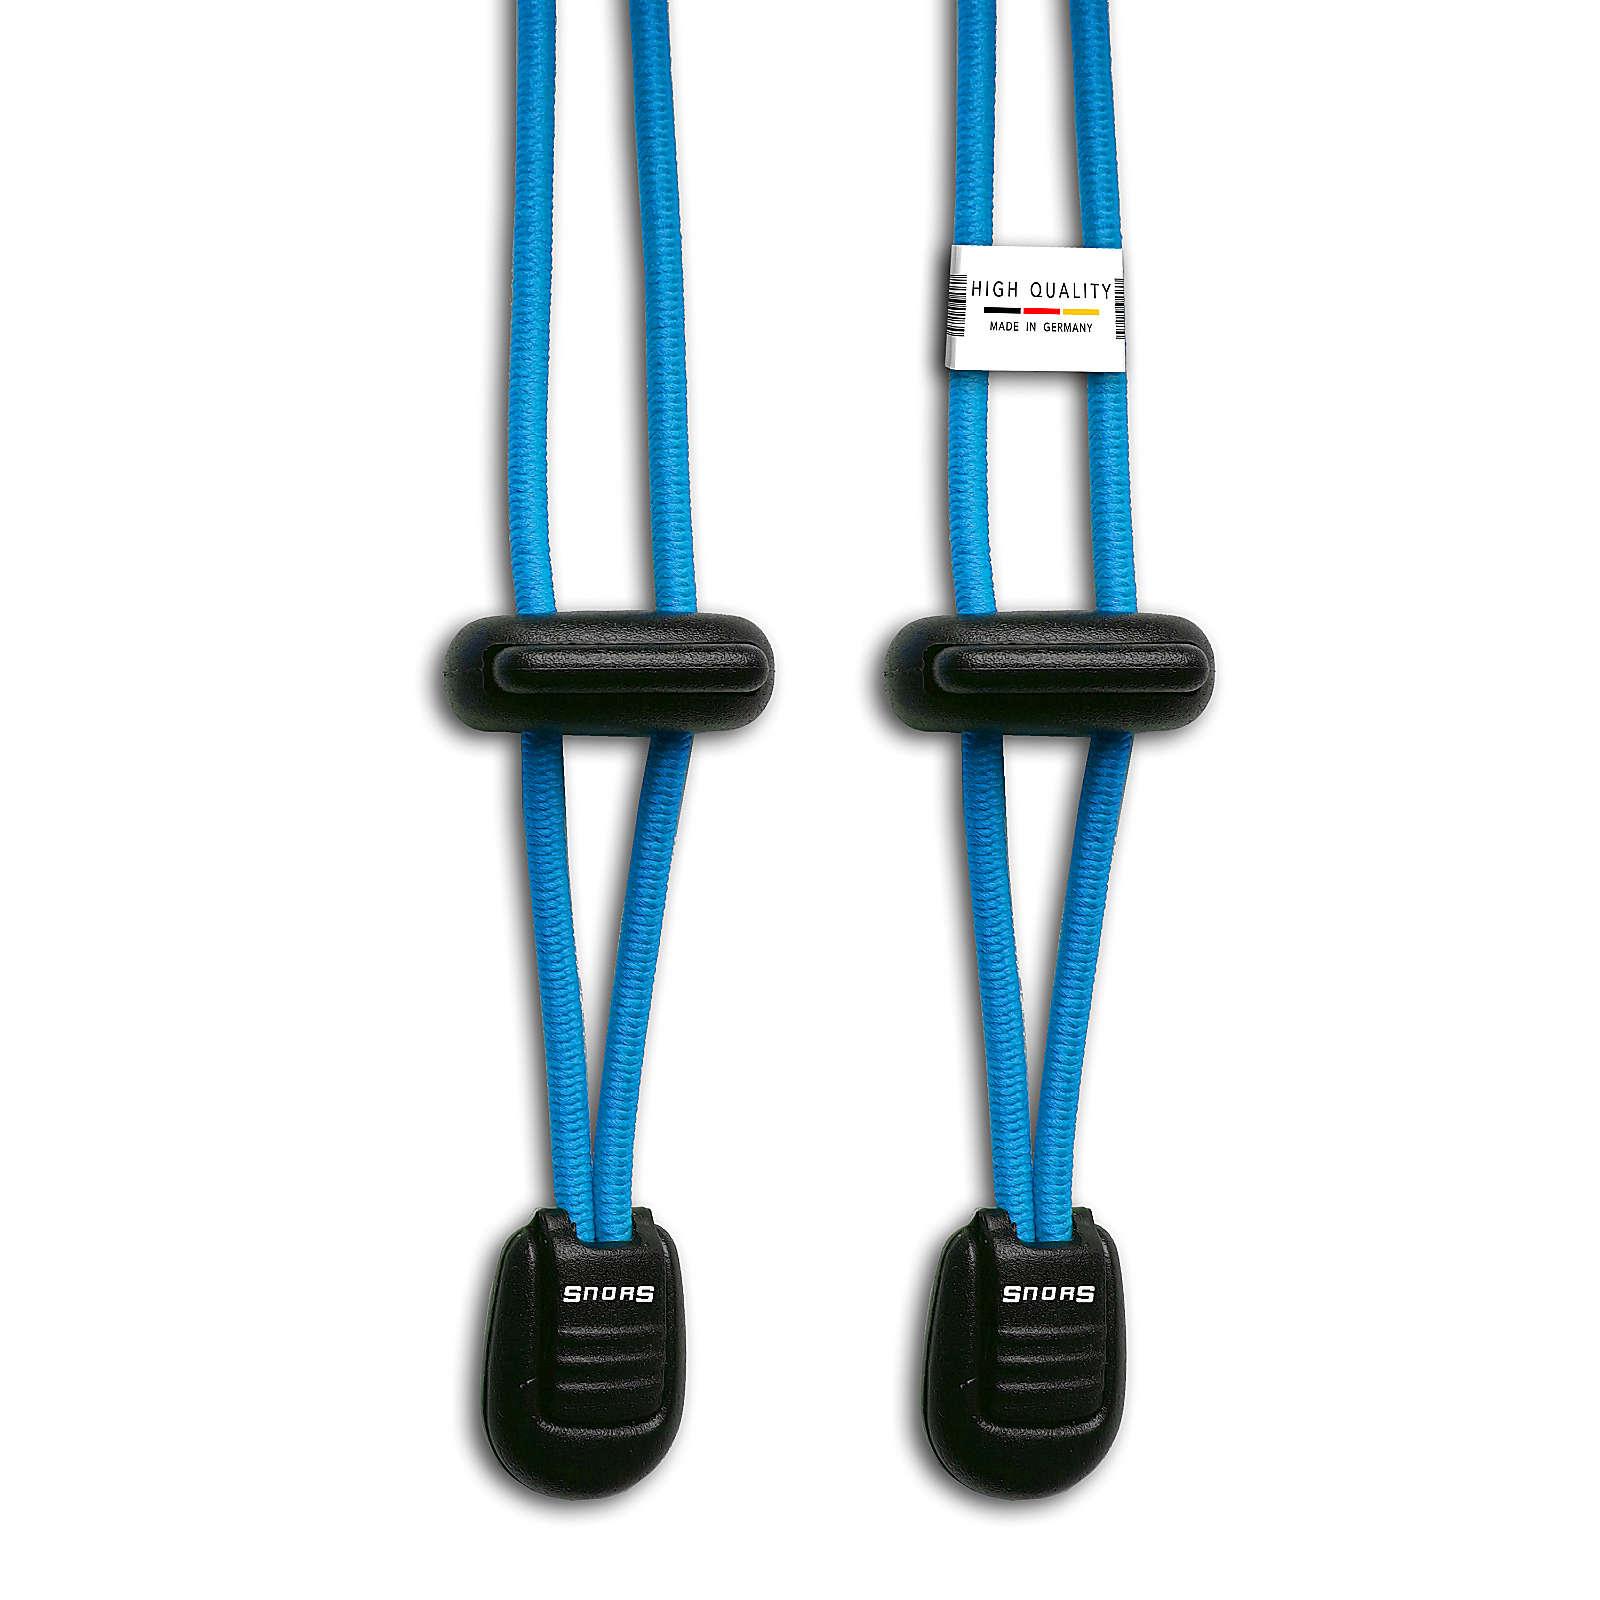 SNORS shoefriends Schnürsystem 120cm - elastische Schnürsenkel mit Schnellverschluss Schnürsenkel türkis Gr. 120